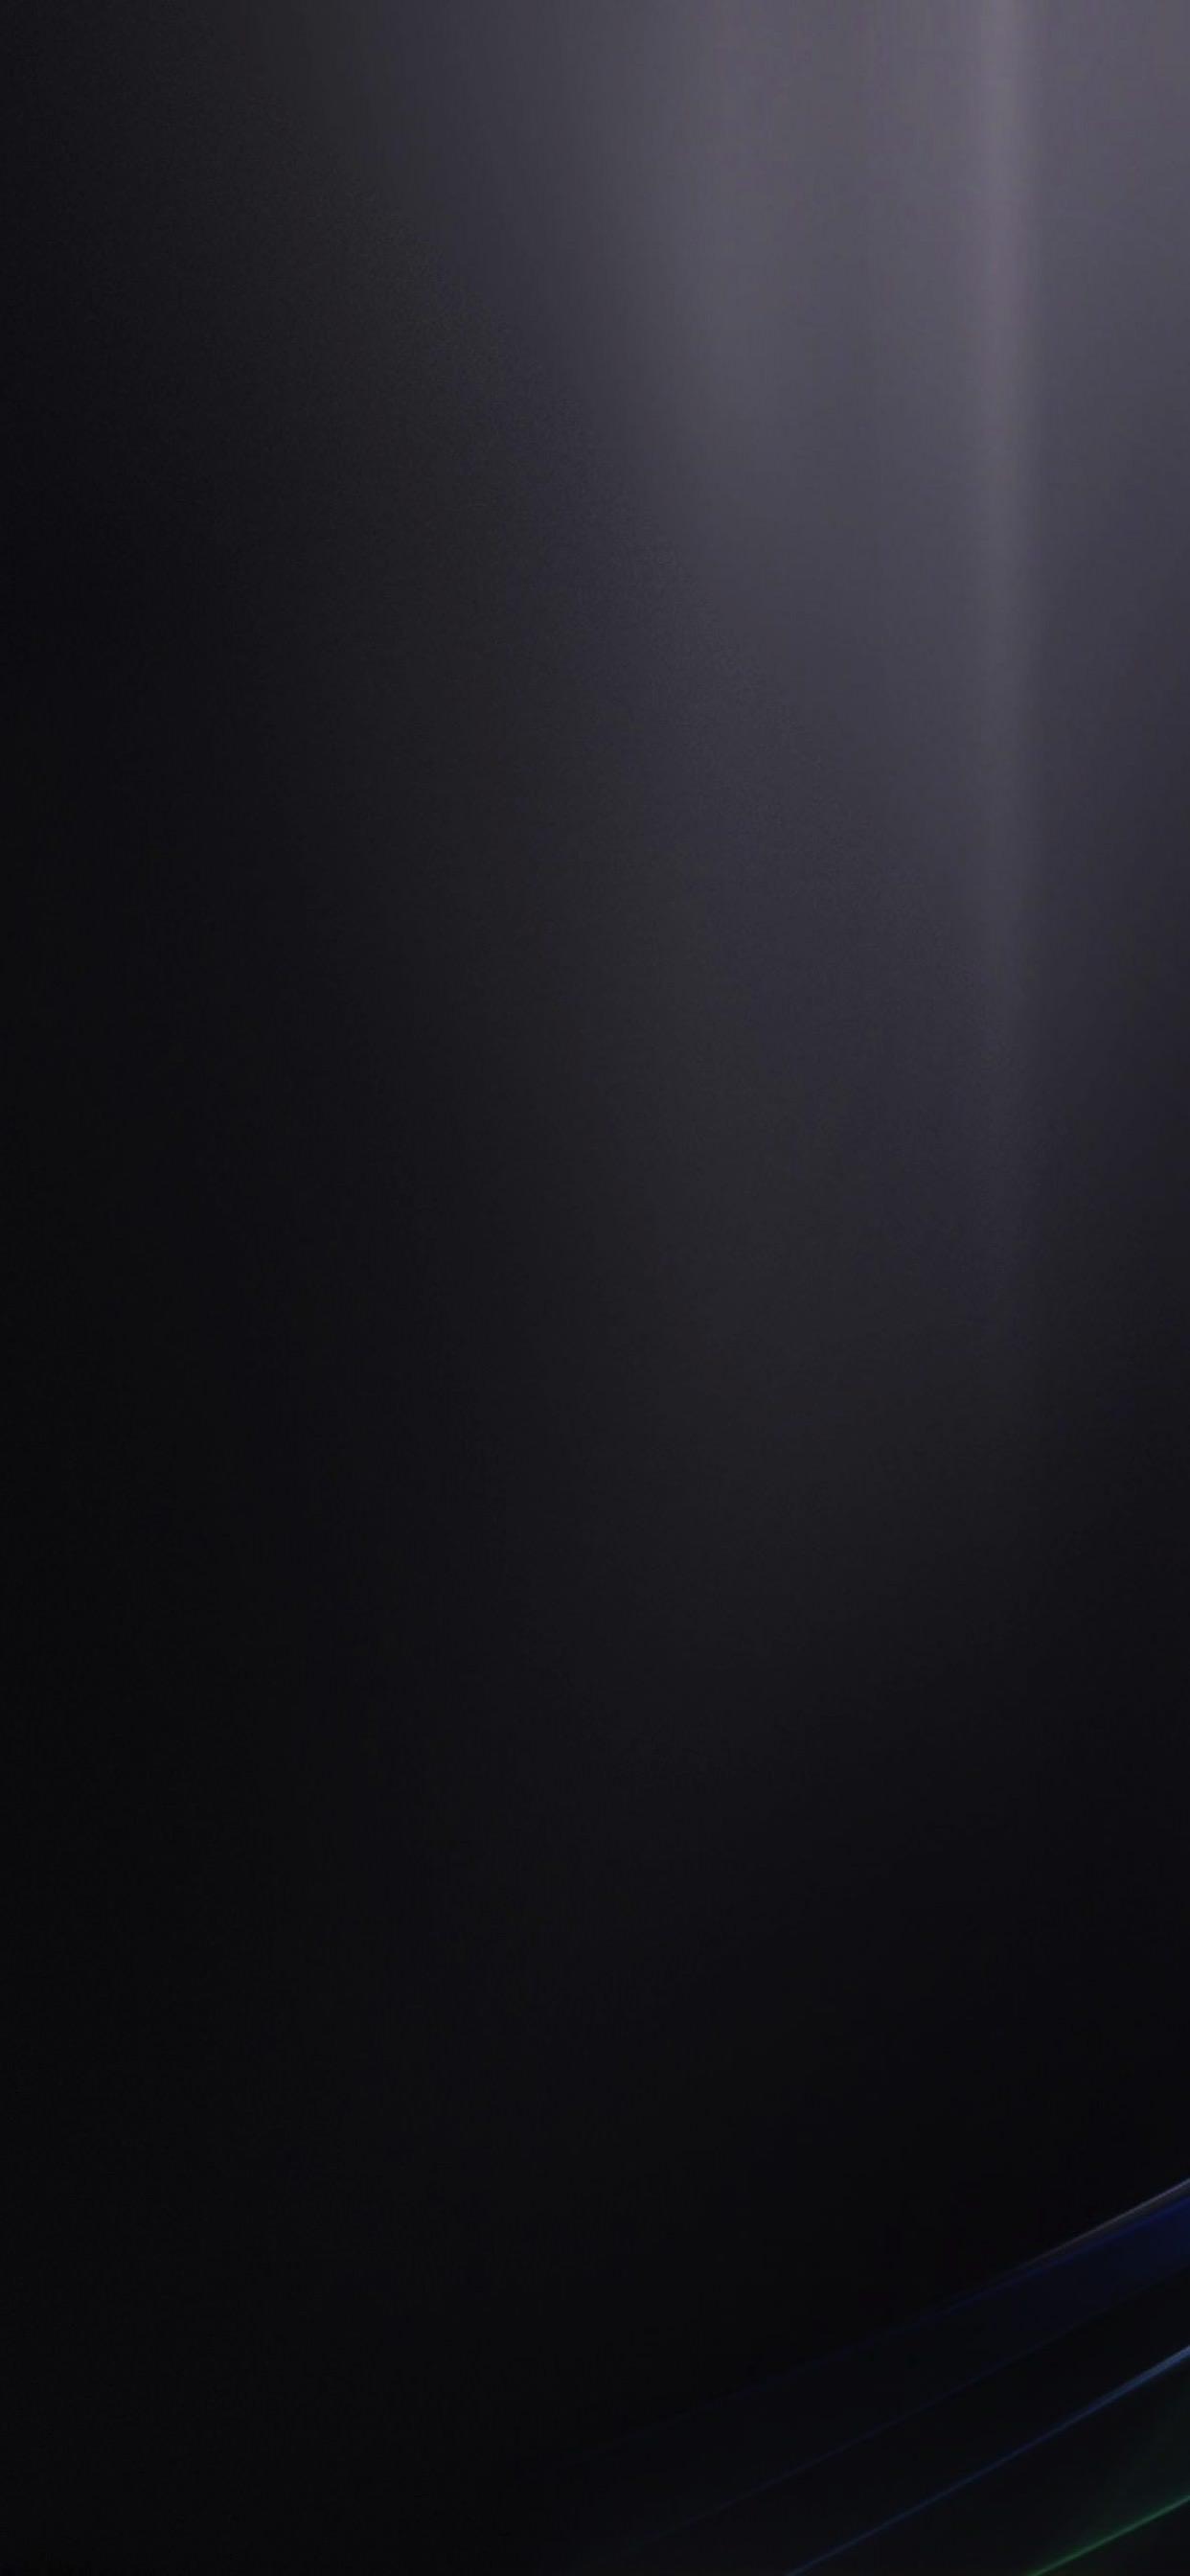 クール黒 Wallpaper Sc Iphone Xs Max壁紙